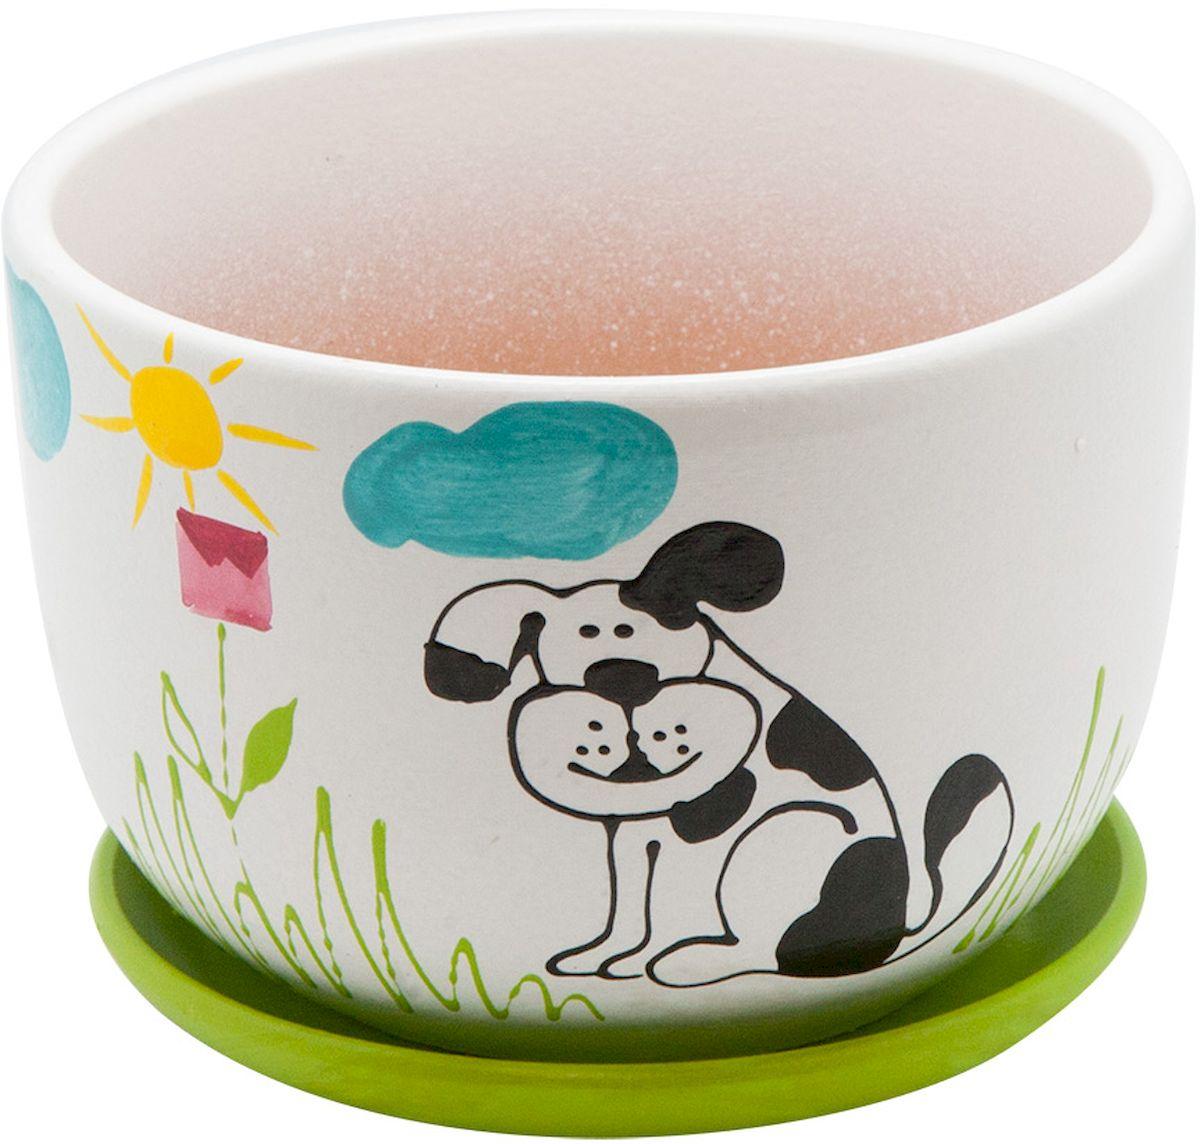 Горшок цветочный Engard Собака, с поддоном, 1,05 лBH-10-4Горшок для цветов Engard Собака выполнен из высококачественной глины в классической форме и оригинальном дизайне. Изделие оснащено поддоном для стока жидкости. Горшок имеет стильный дизайн, поэтому прекрасно впишется в любой интерьер. Объем горшка: 1,05 л.